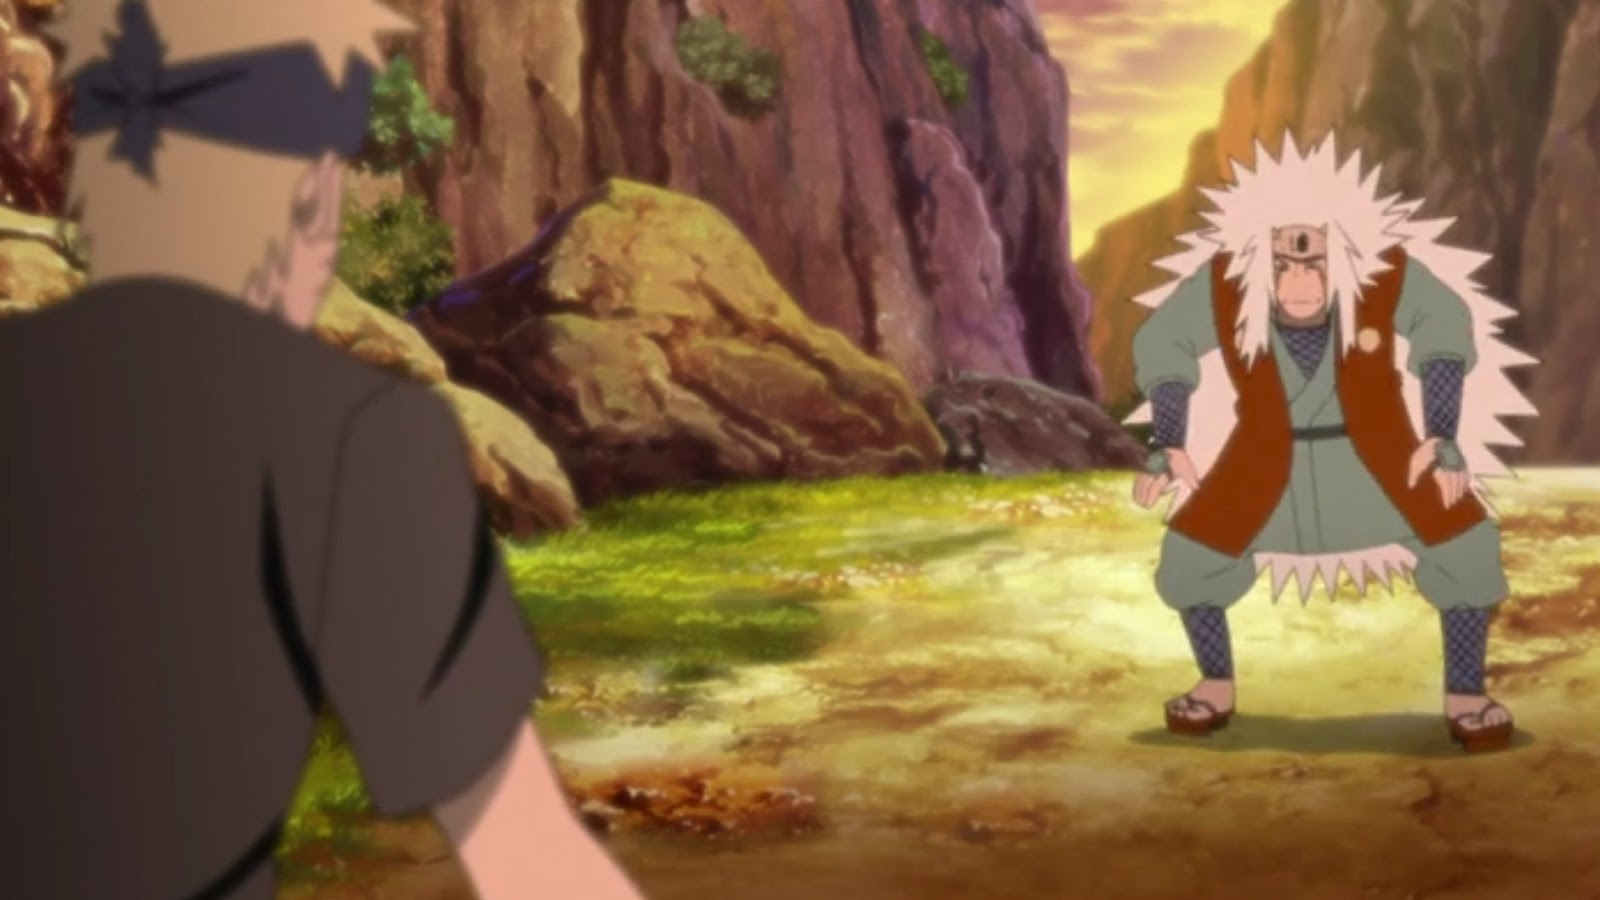 Naruto Shippuden Episódio 395, Assistir Naruto Shippuden Episódio 395, Assistir Naruto Shippuden Todos os Episódios Legendado, Naruto Shippuden episódio 395,HD